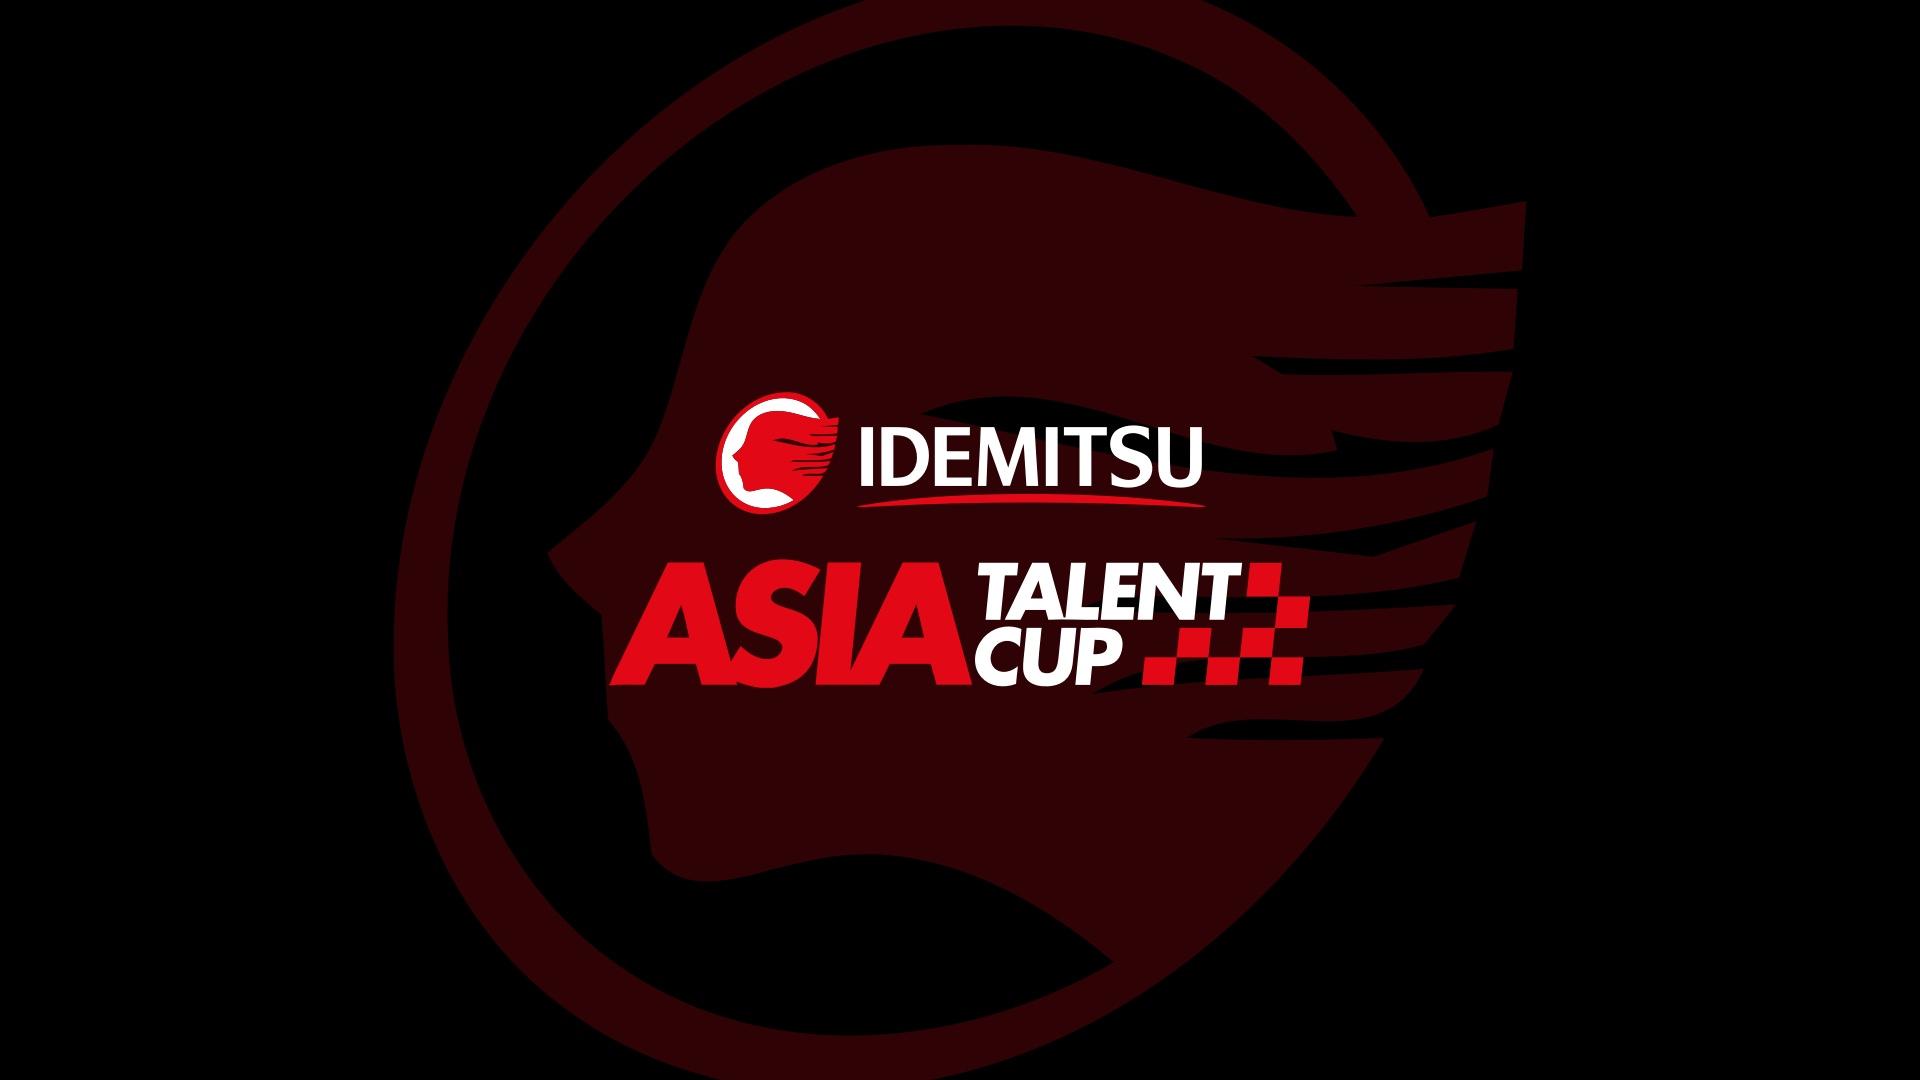 Idemitsu Asia Talent Cup 2021: qué es, dónde ver en TV, fechas, calendario y ganadores